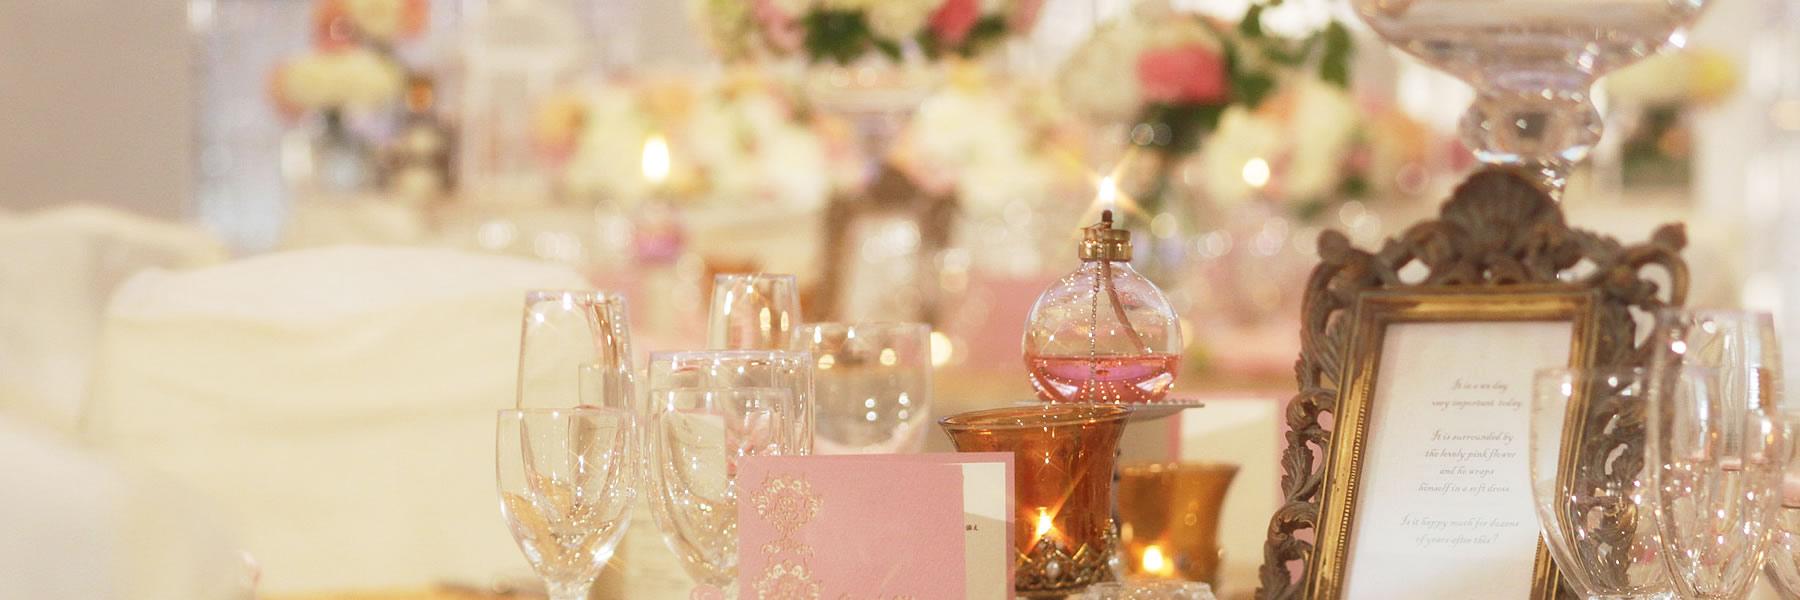 資料請求|レンブラントホテル鹿児島【公式】婚礼サイト